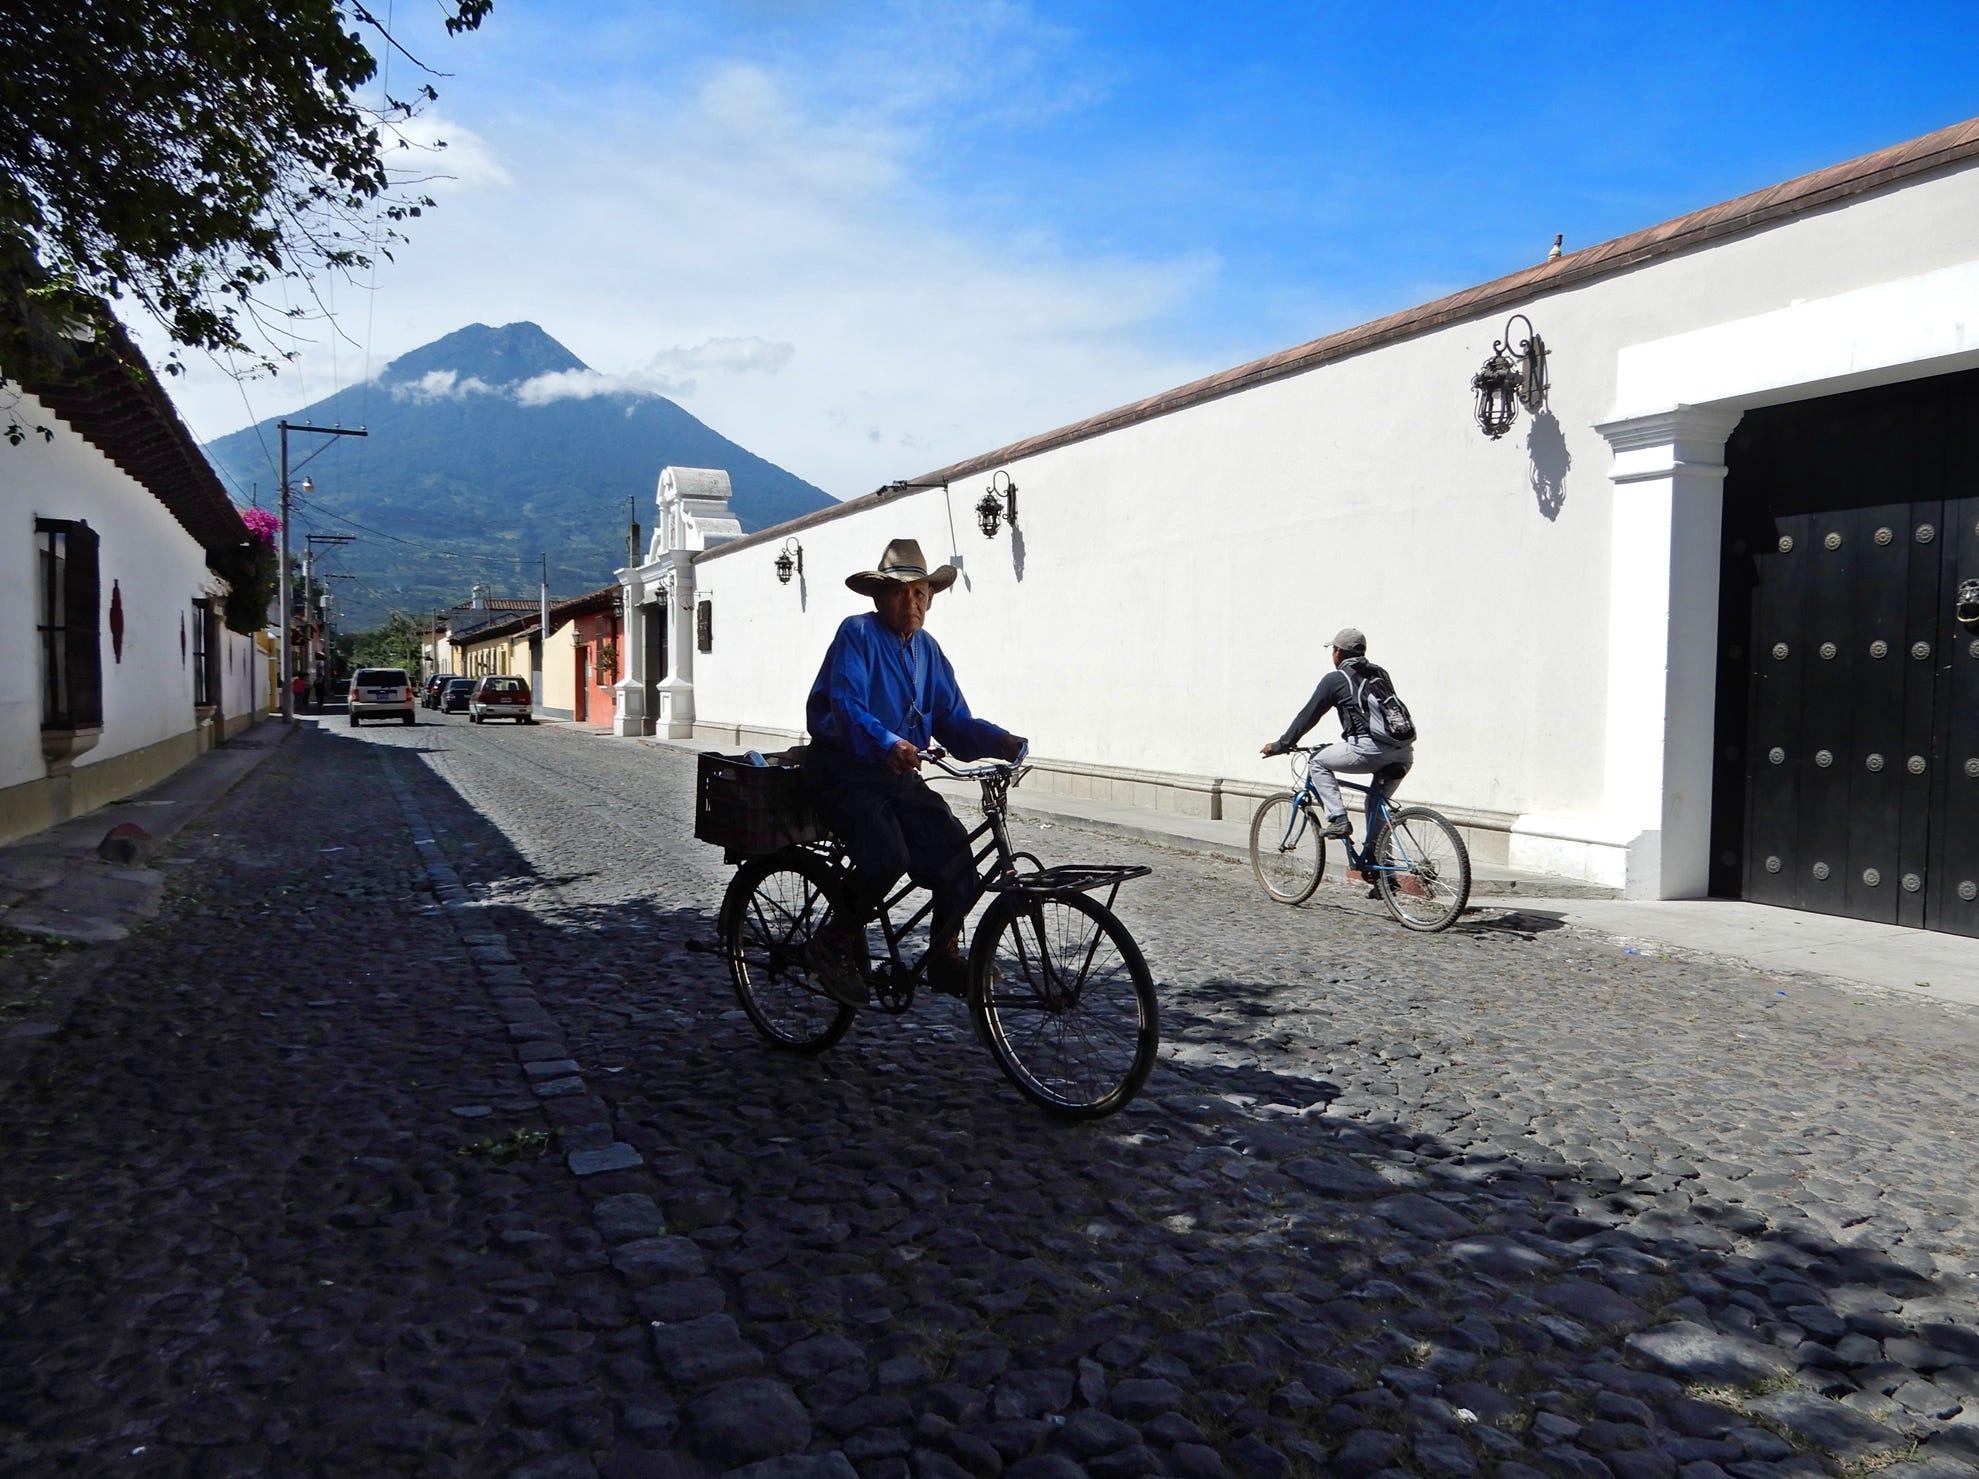 Street scene in Antigua, Guatemala.